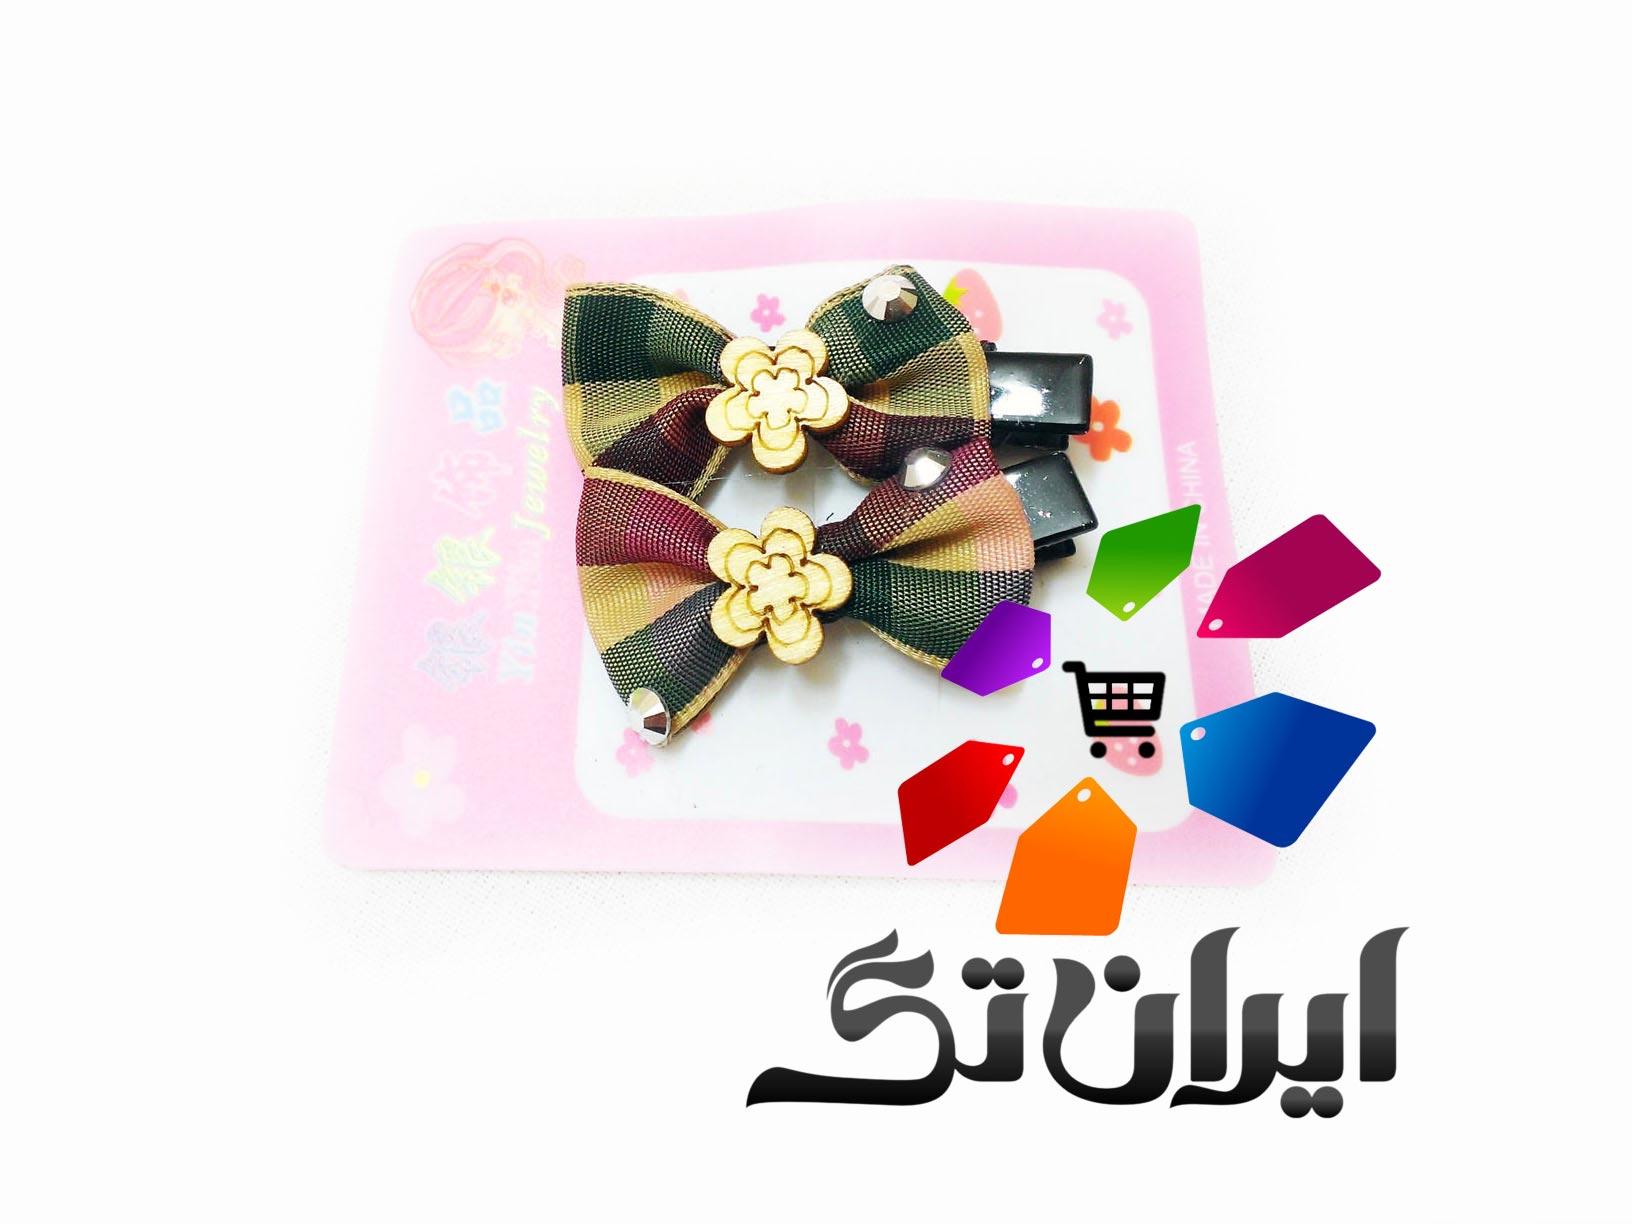 فروش عمده آنلاین گل سر، کش سر، اسباب بازی و لوازم خرازی زیر قیمت بازار تهران